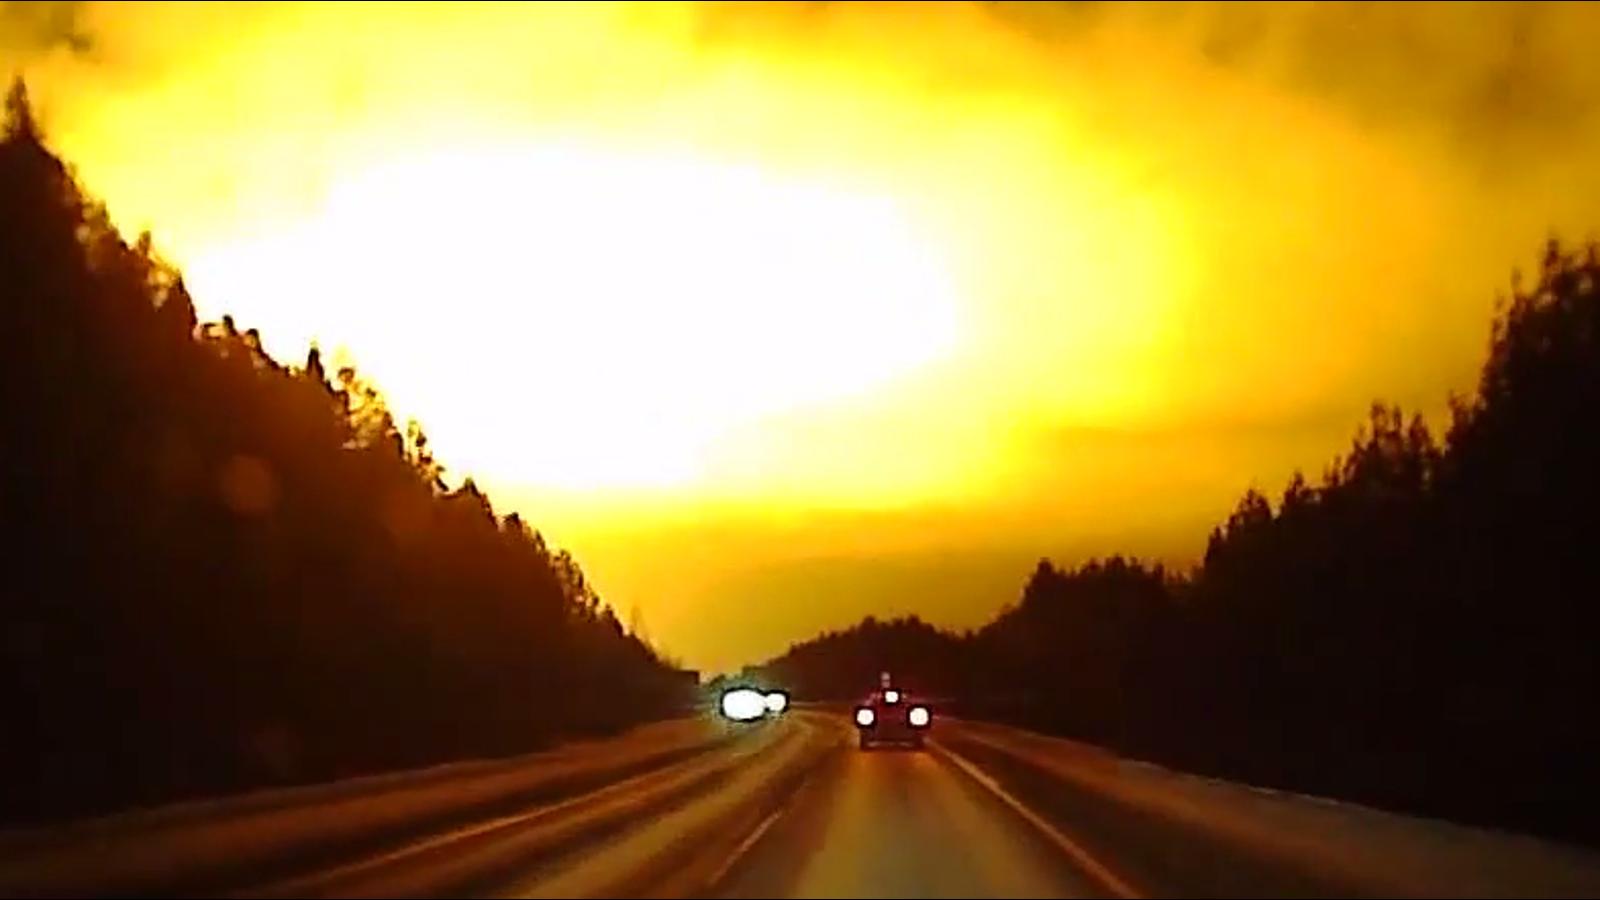 Graban una enorme explosión en el cielo en Rusia